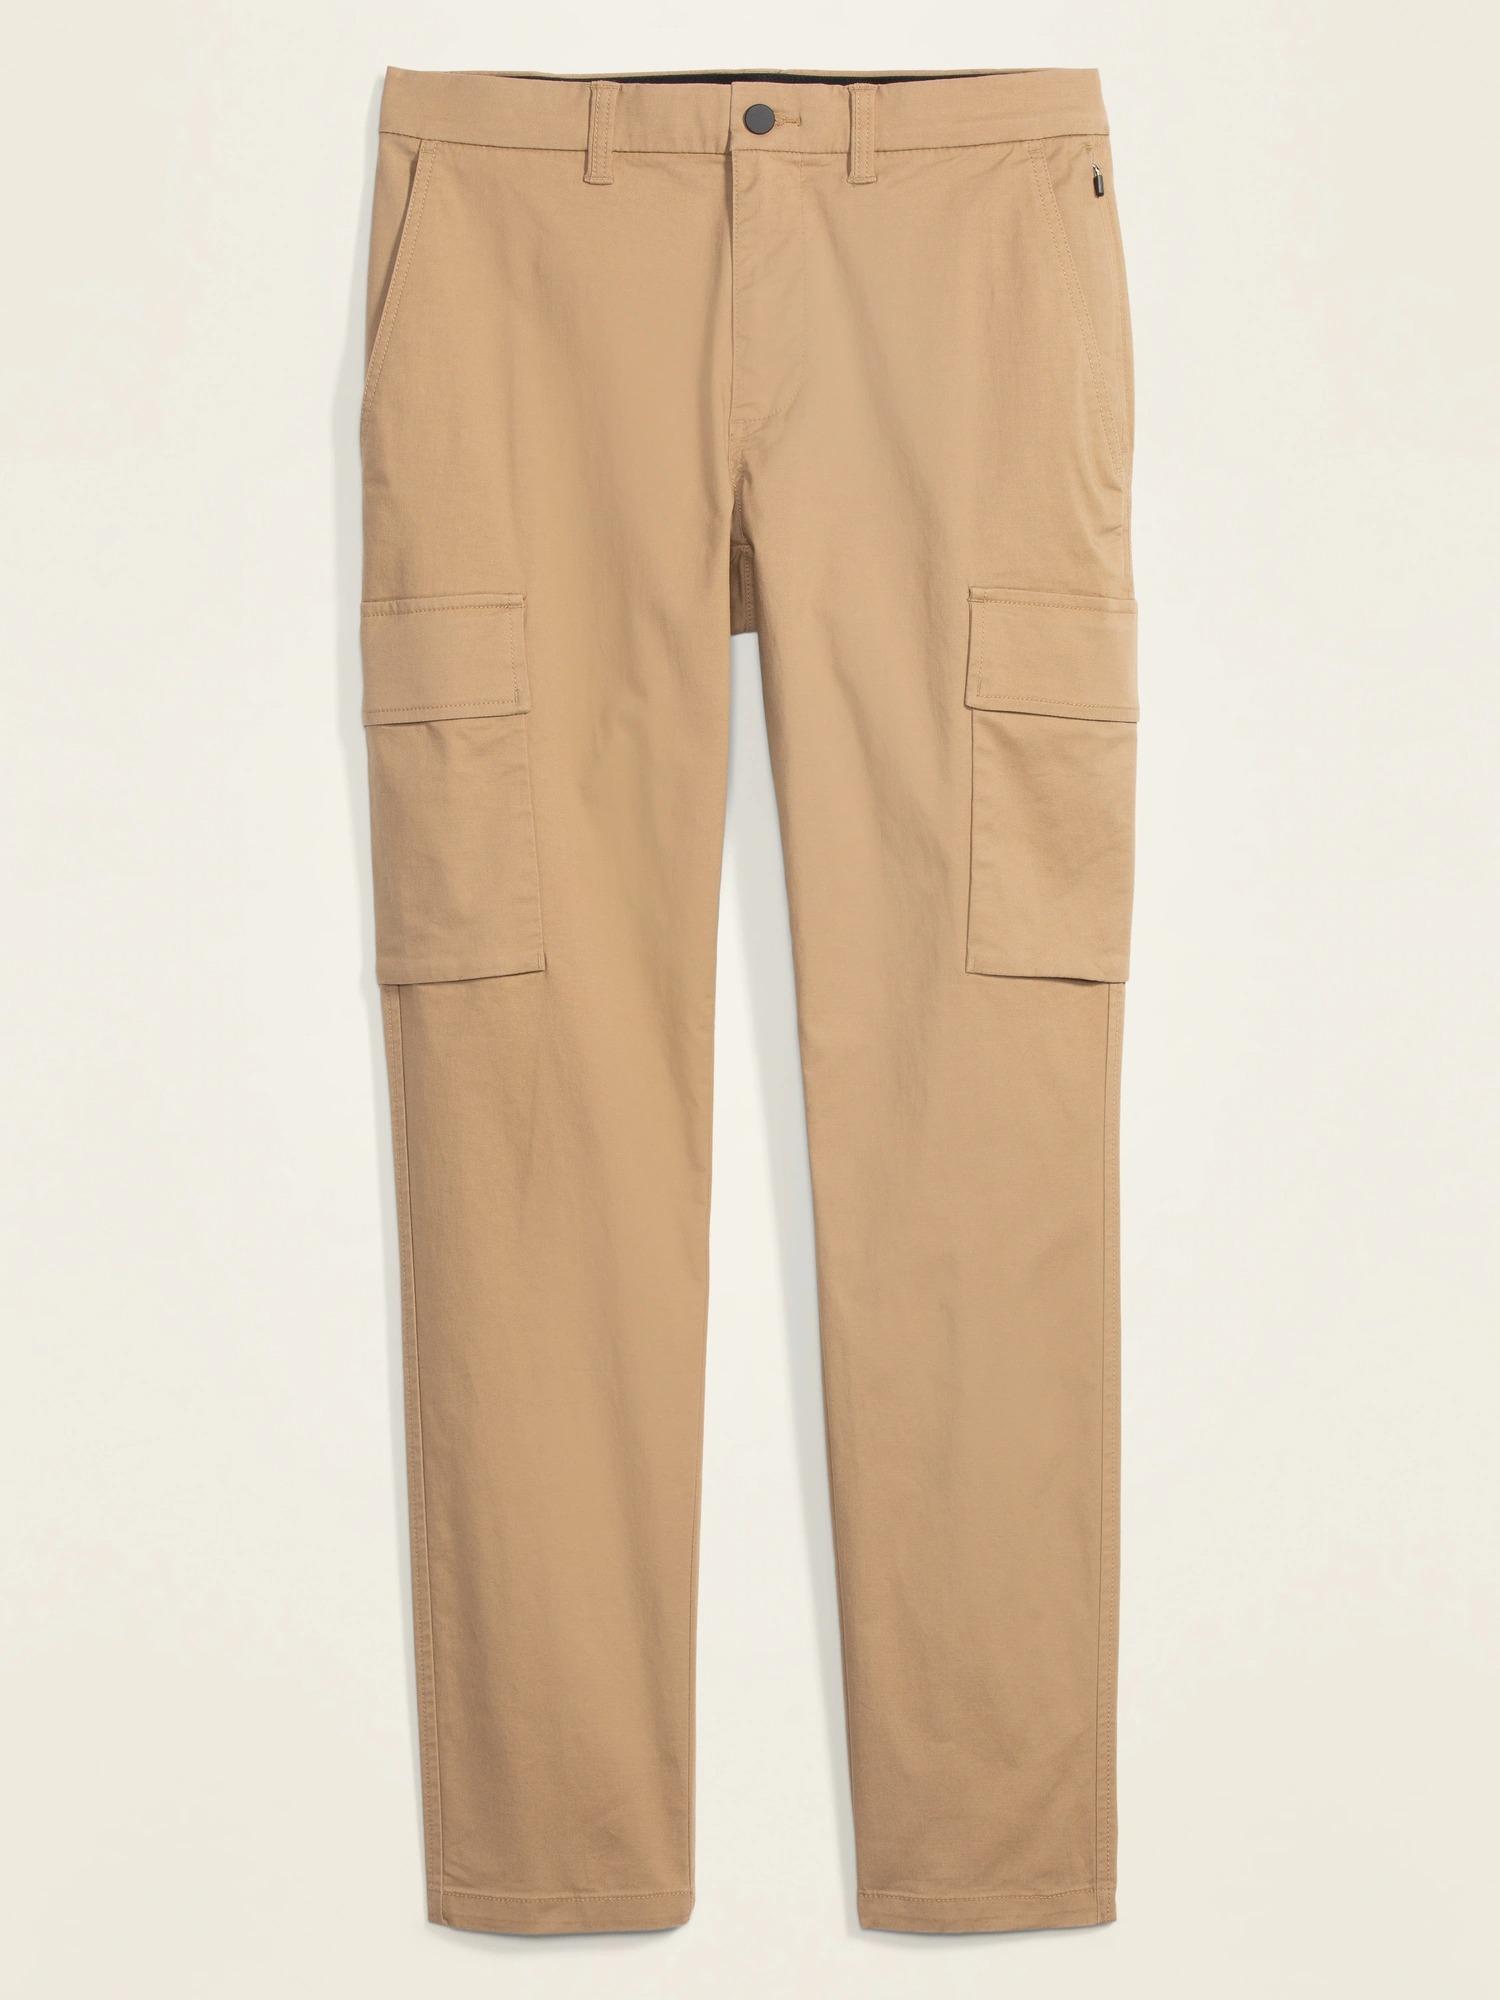 Old Navy Slim Taper Ultimate Tech Cargo Pants for Men in khaki